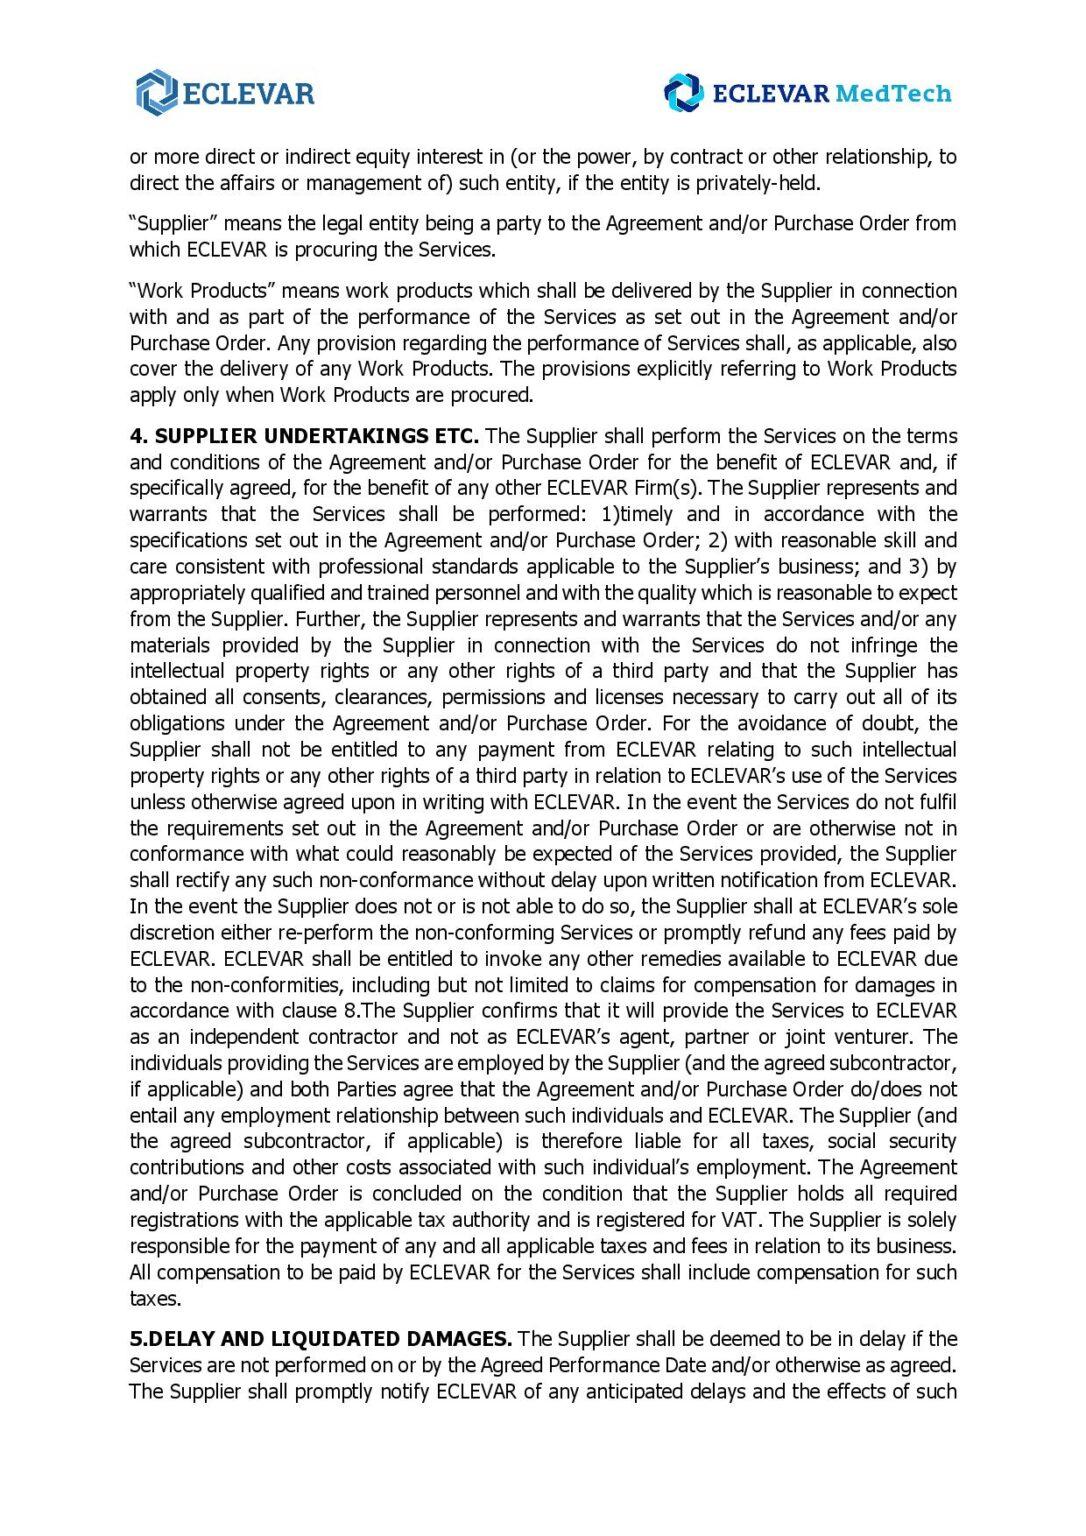 ECLEVAR PROCUREMENT OF SERVICES VAUG 2020_MedTech-page-002